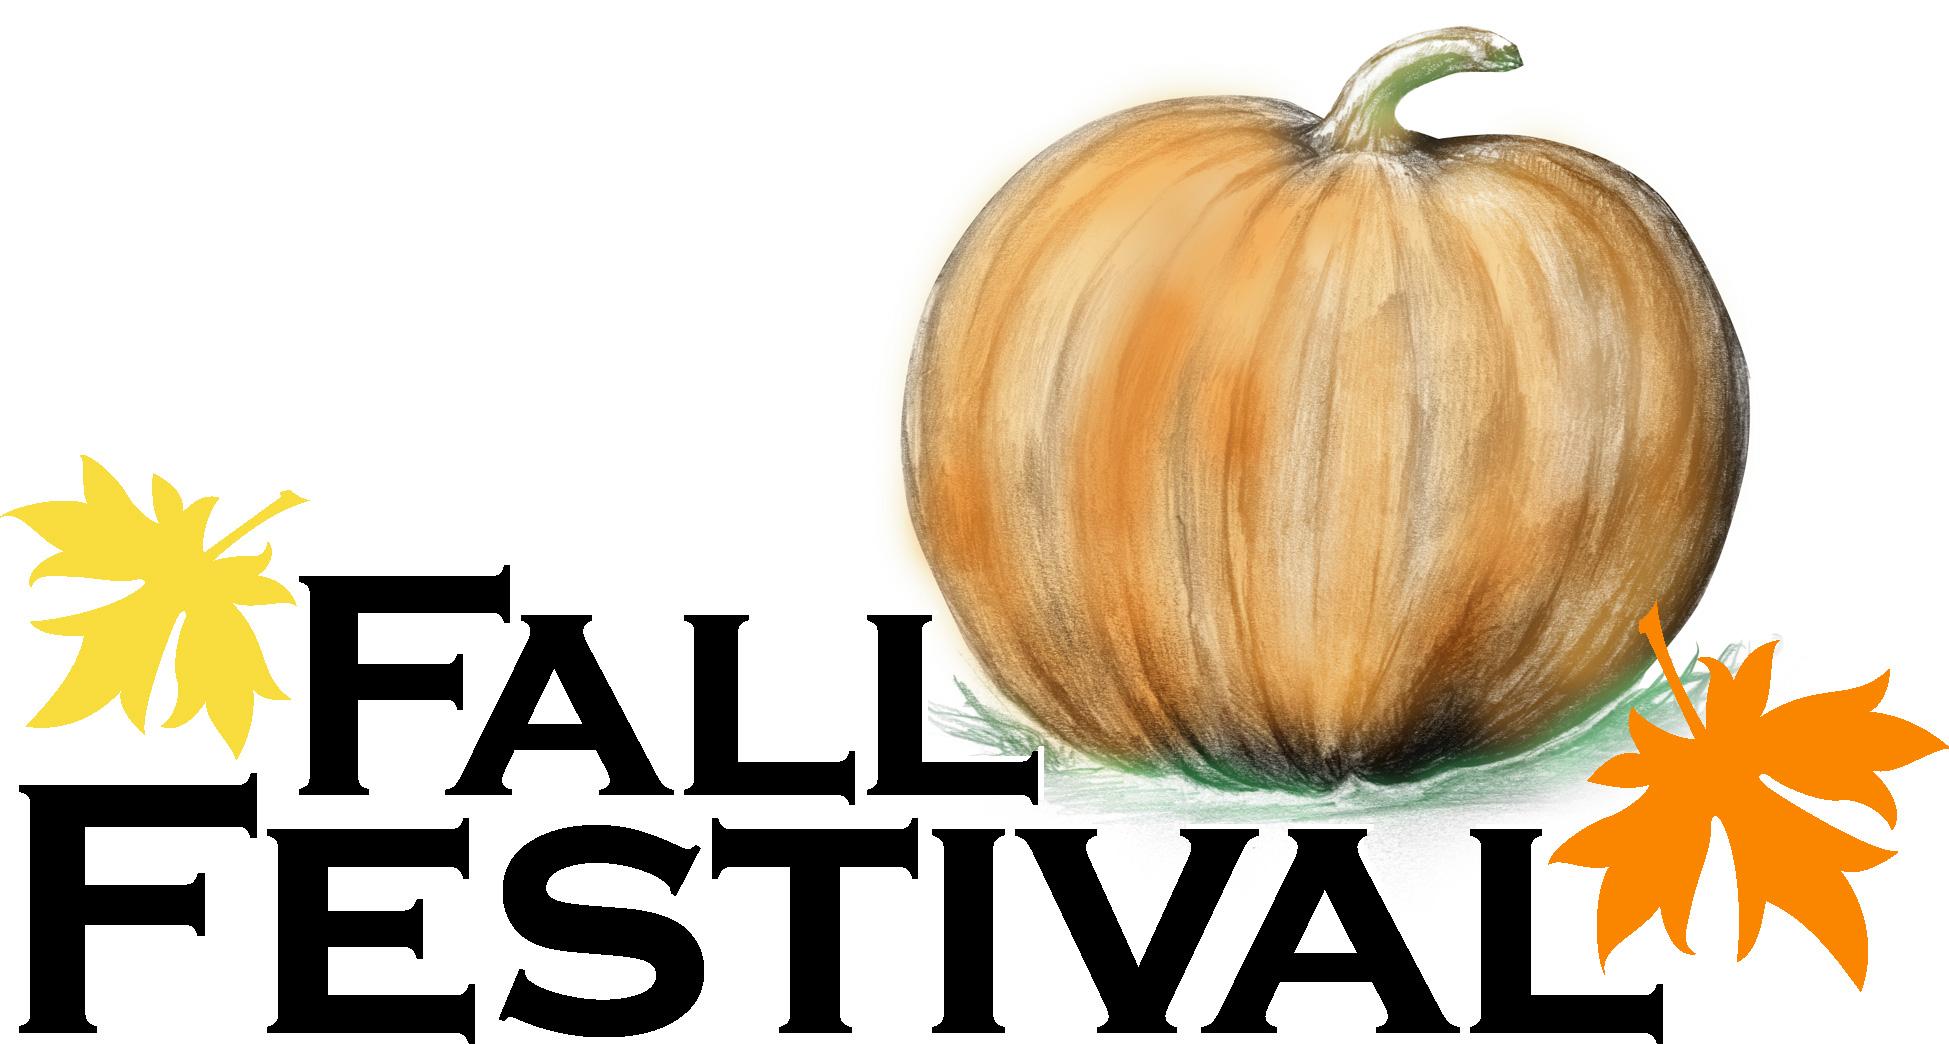 Festival clipart fun day Living Church Journal Church Ballston